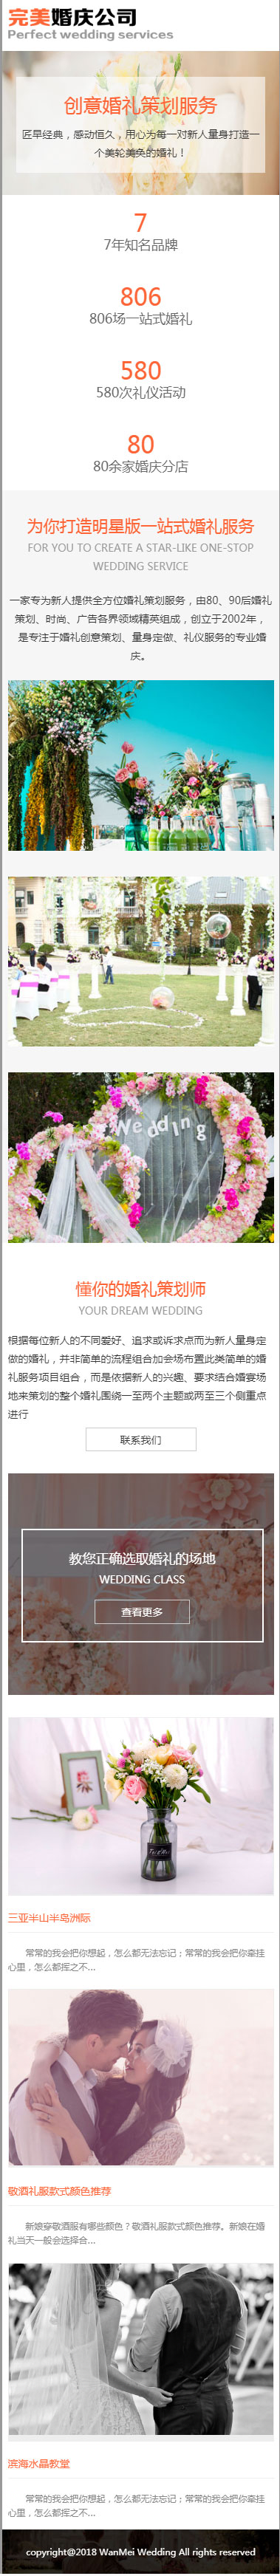 完美婚庆公司小程序展示模板